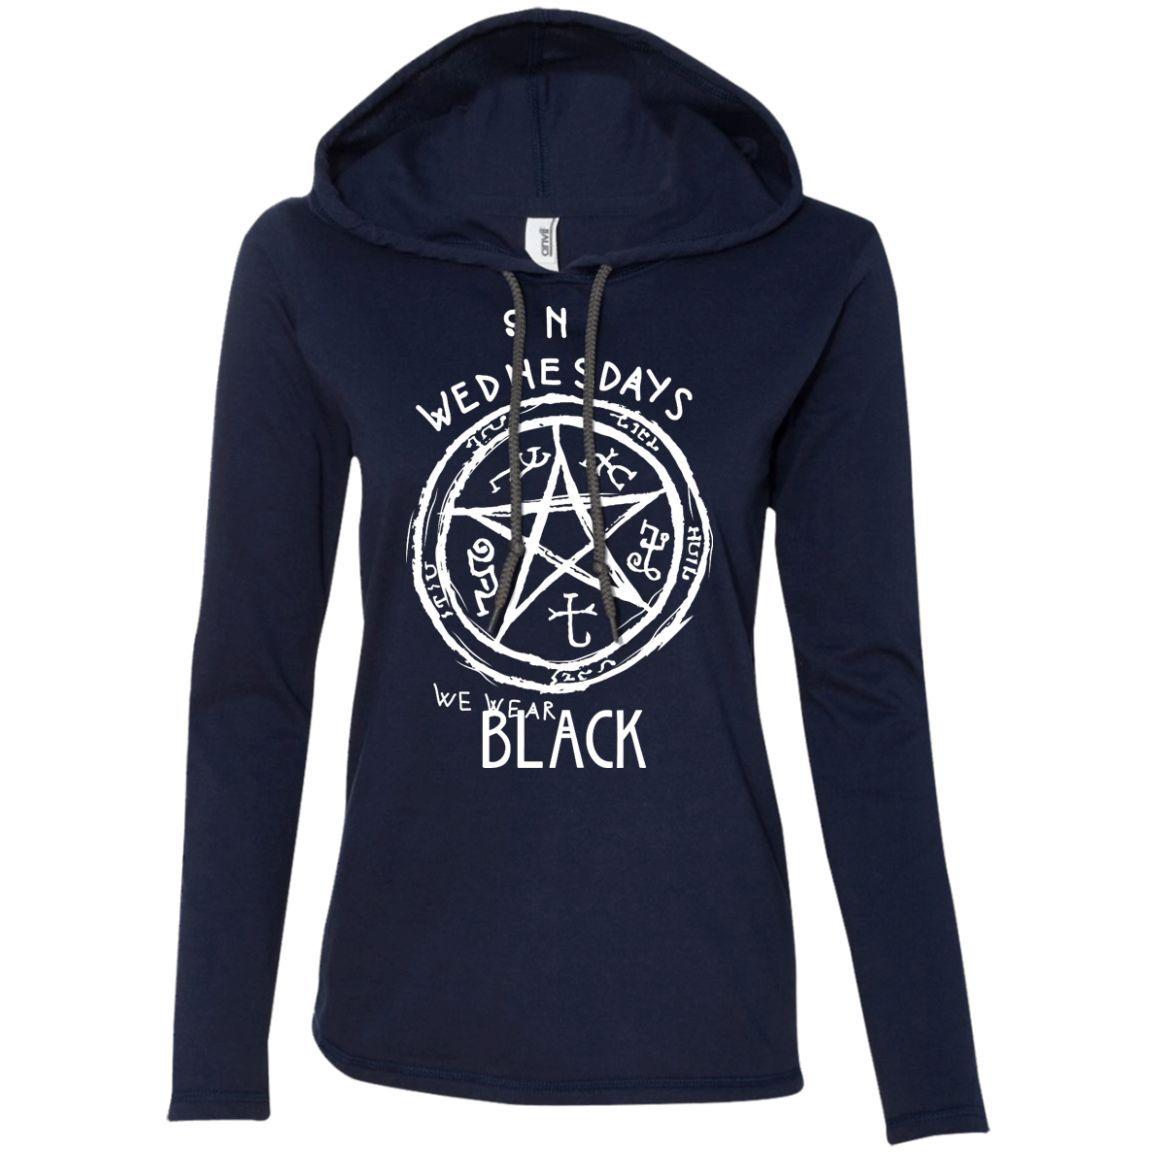 We Wear Black Ladies Tee